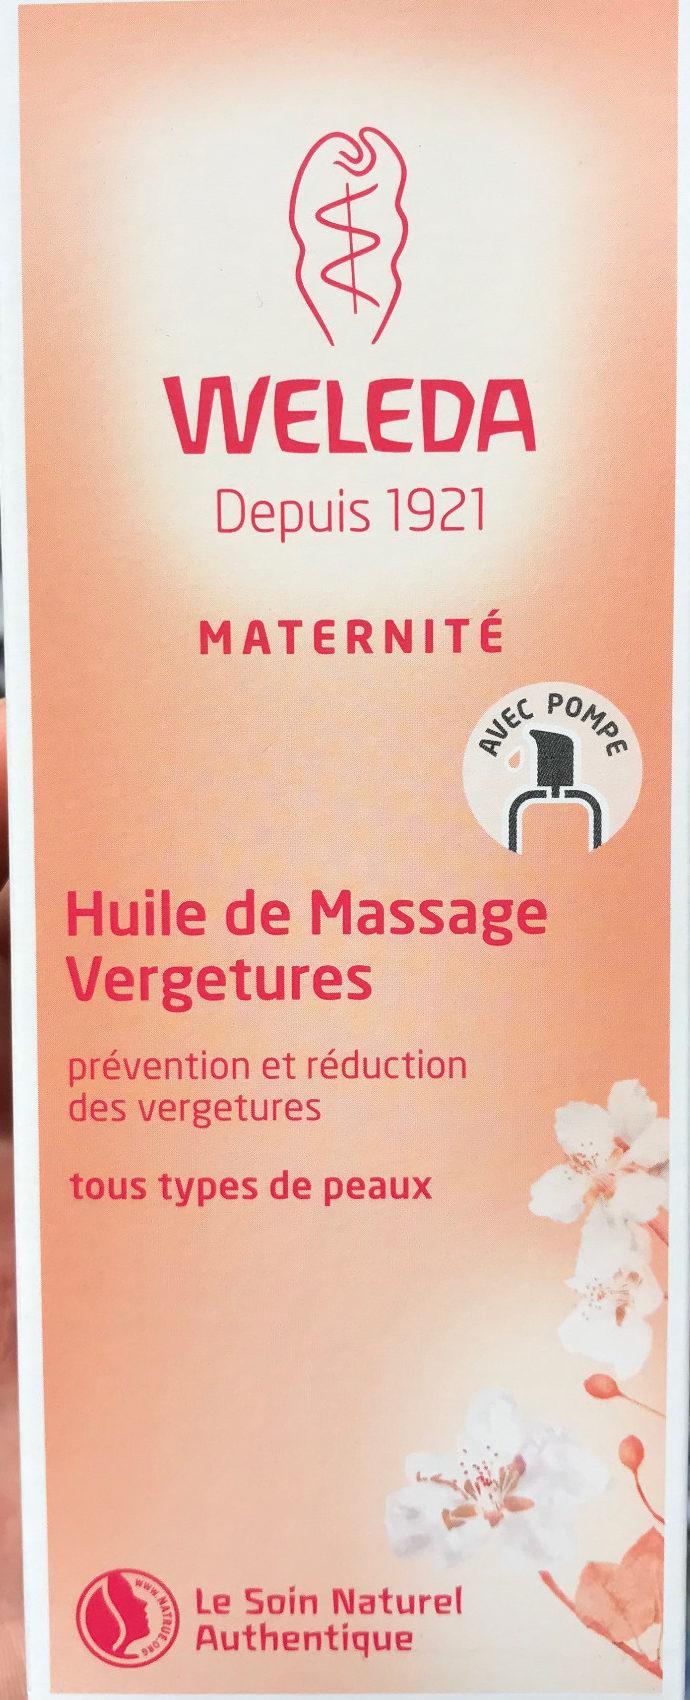 Huile de massage vergetures - Produit - fr